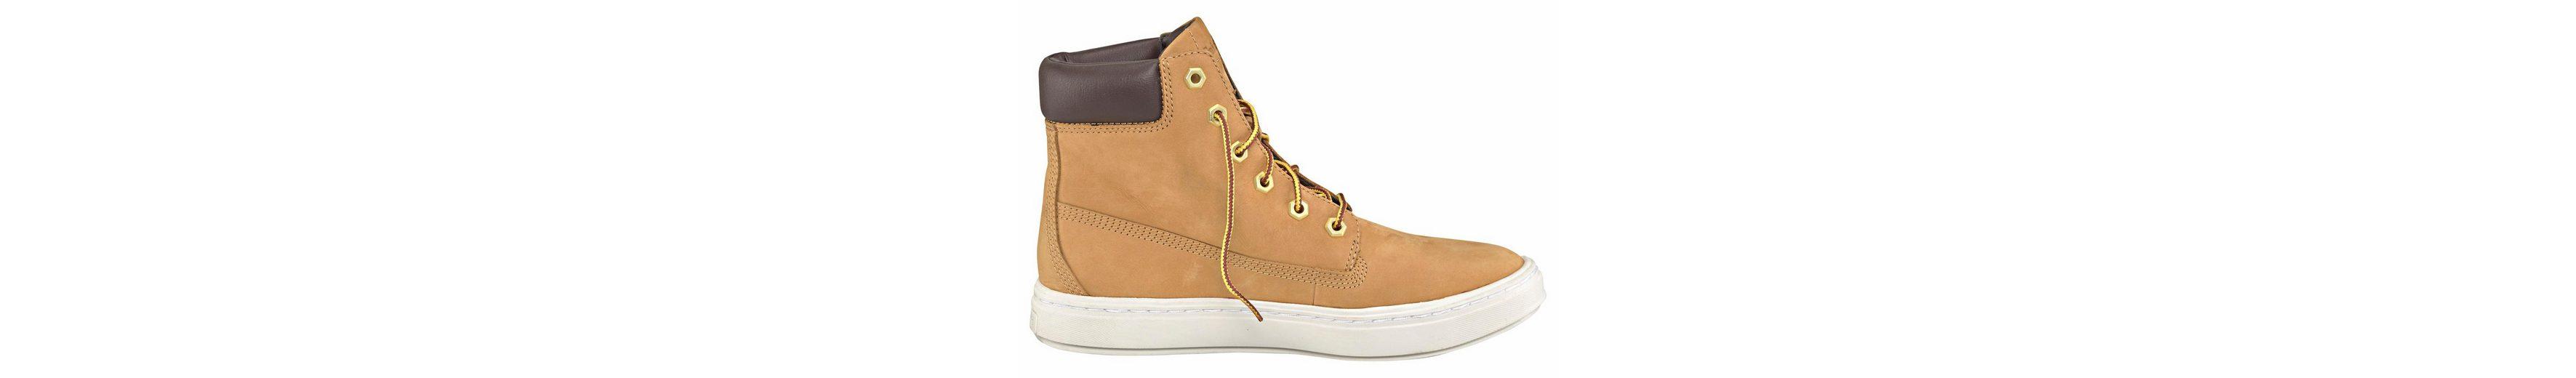 Verkauf Gut Verkaufen Timberland Londyn 6 Inch W Sneaker Großer Verkauf Neuesten Kollektionen Qualitativ Hochwertige Online vfDwsrf6